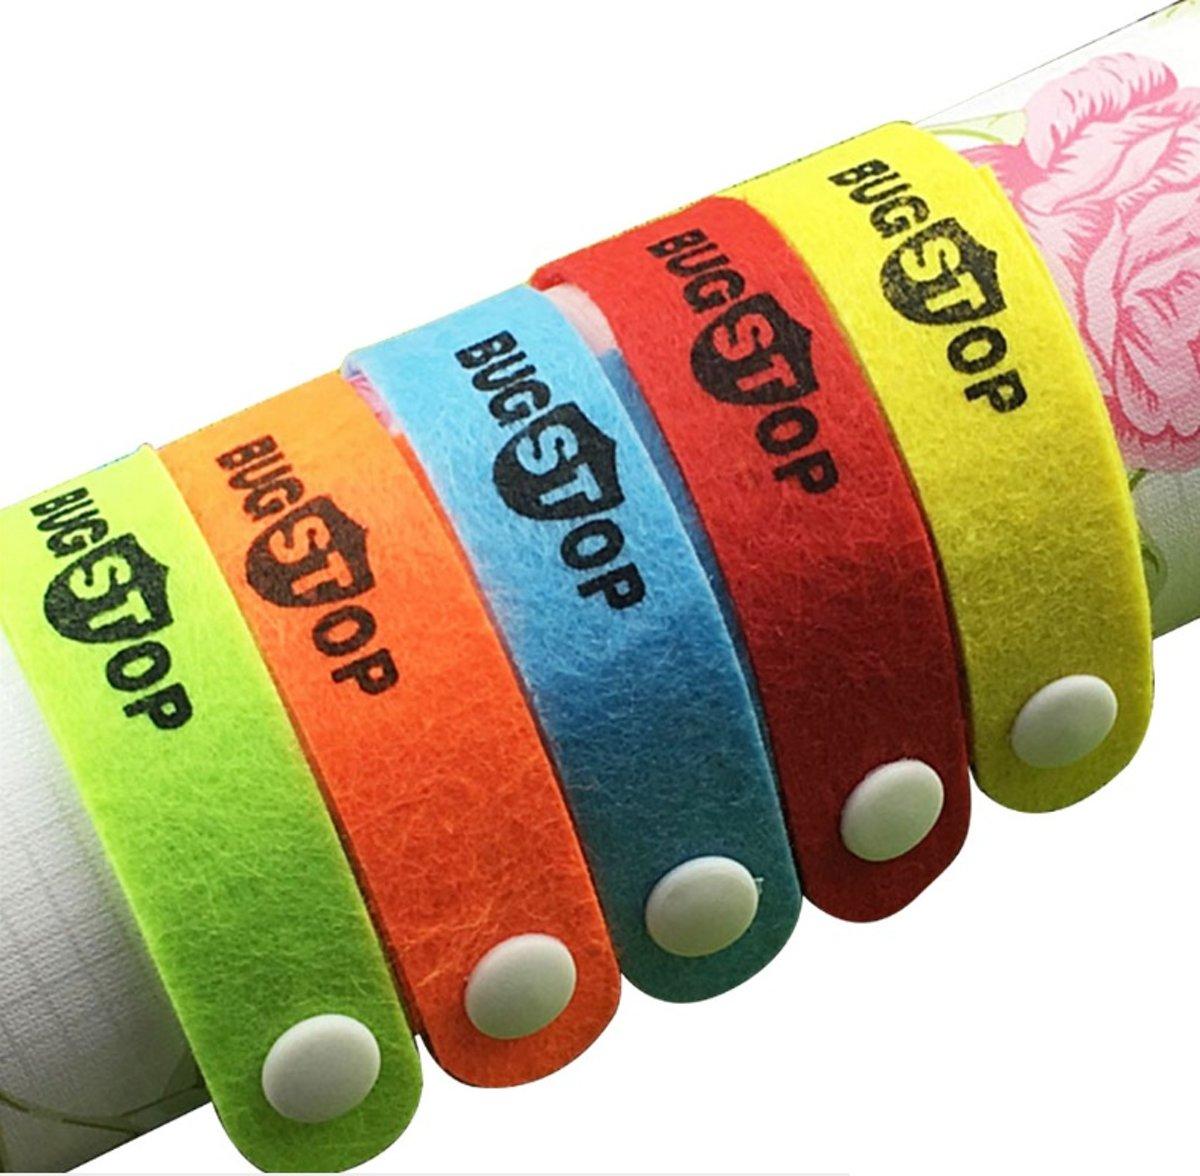 0be0c7652f4 10 stuks Anti Muggen Armbanden / Deet- en gifvrij / Geschikt voor kinderen  en volwassenen